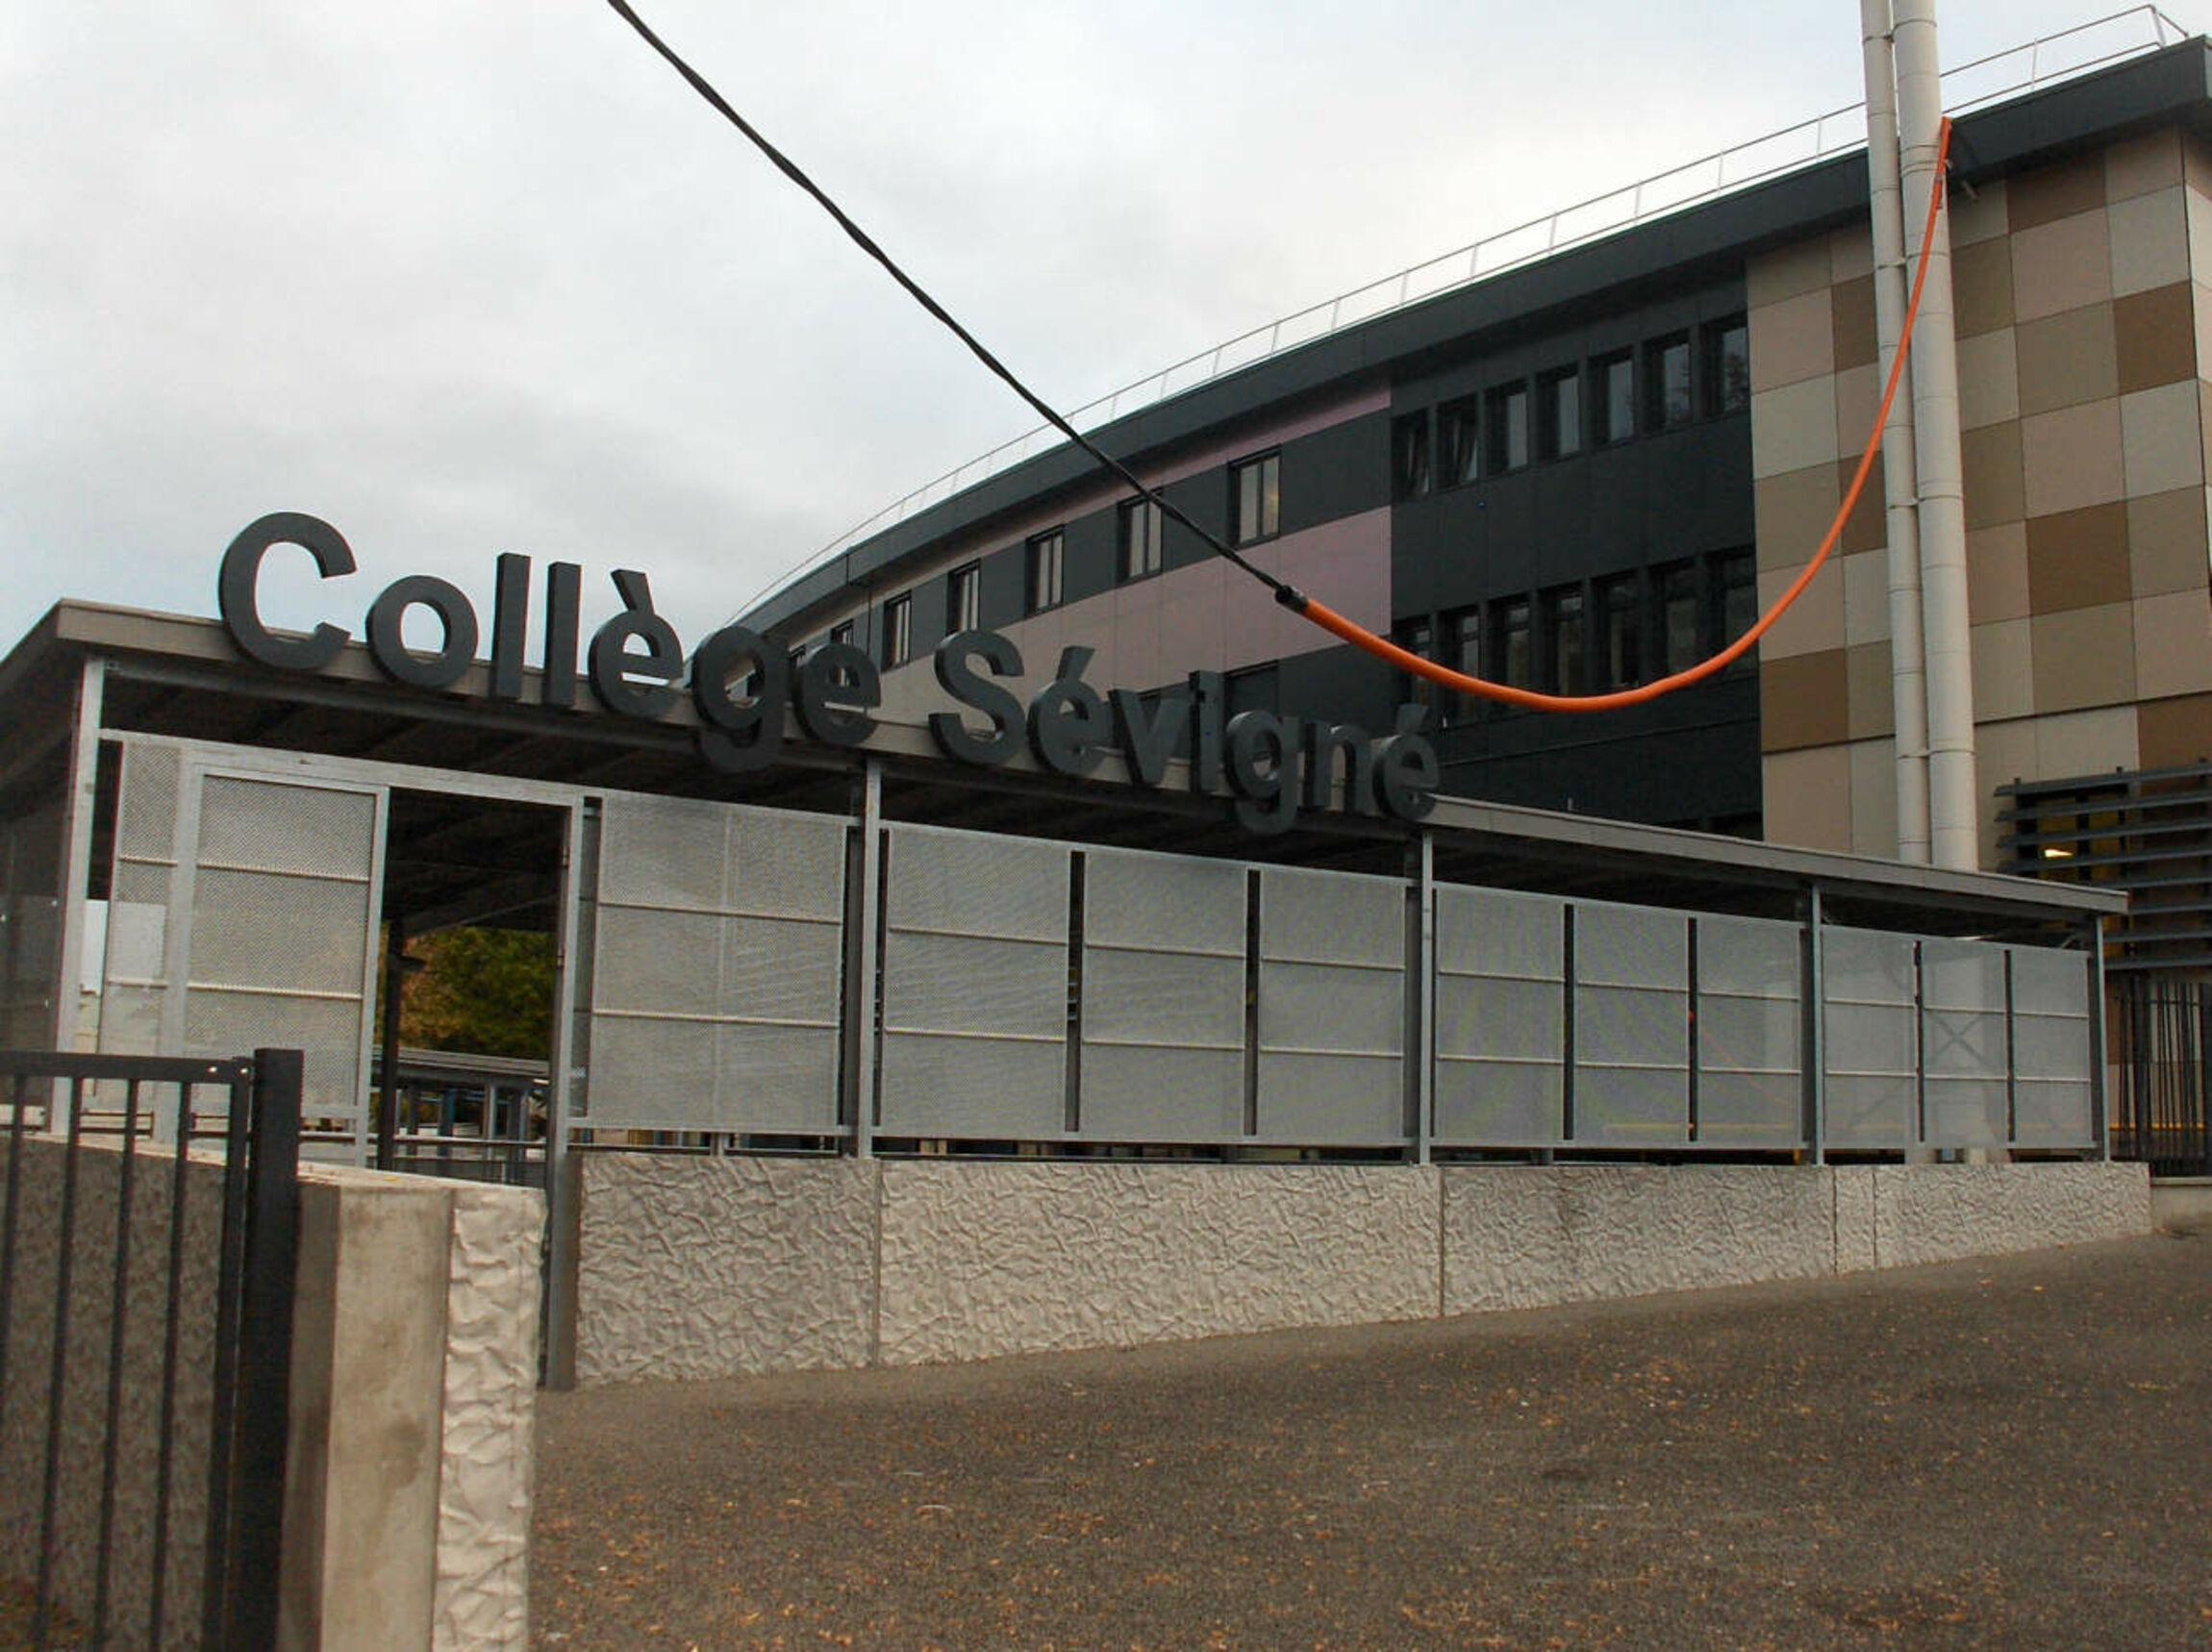 Collège Sévigné à Flers, Normandie